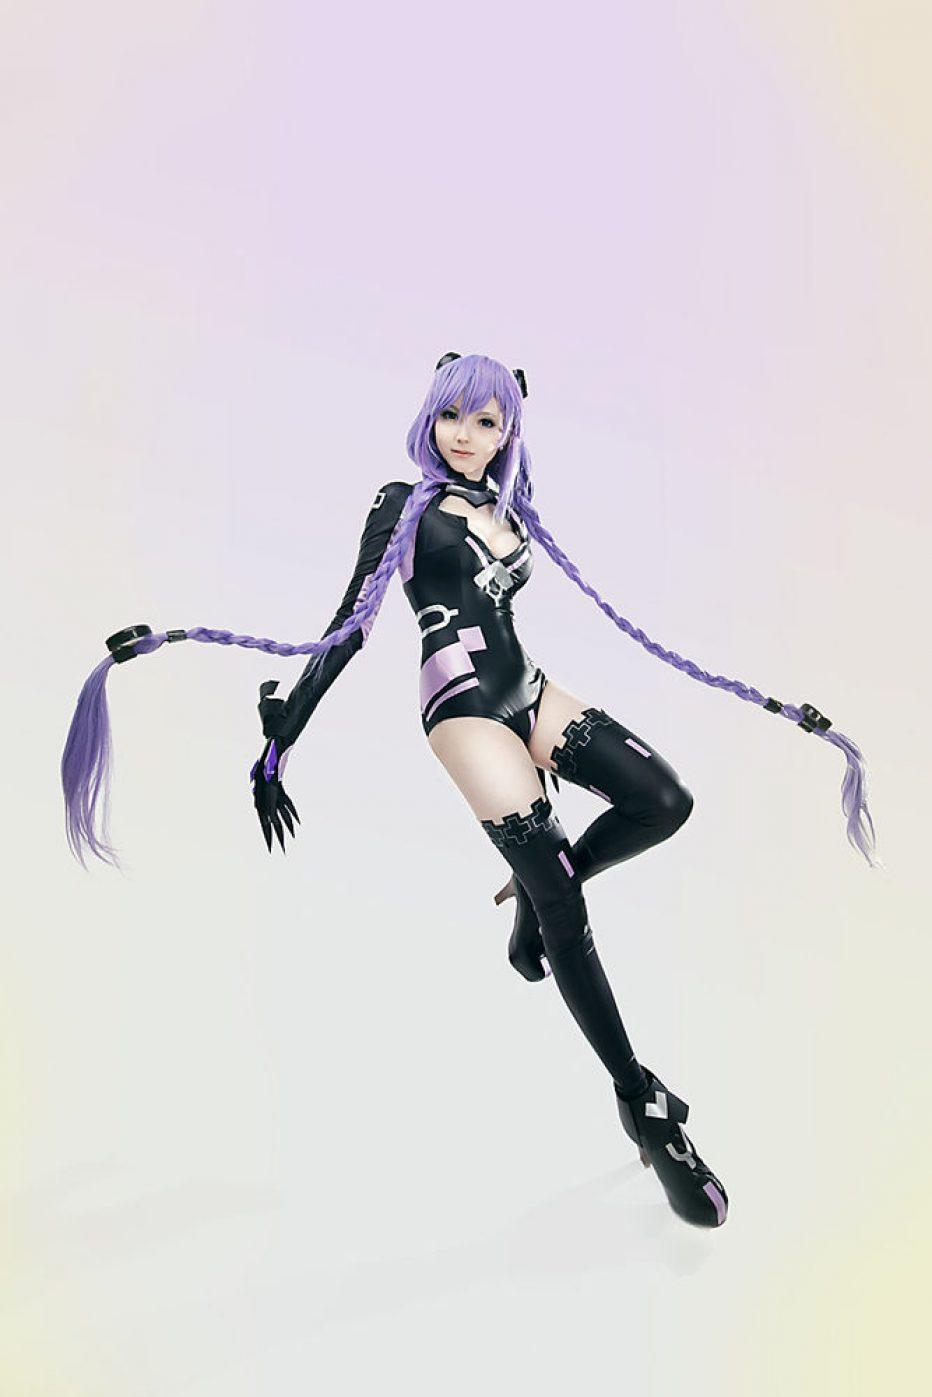 Hyperdimension-Neptunia-Purple-Heart-Cosplay-Gamers-Heroes-4.jpg